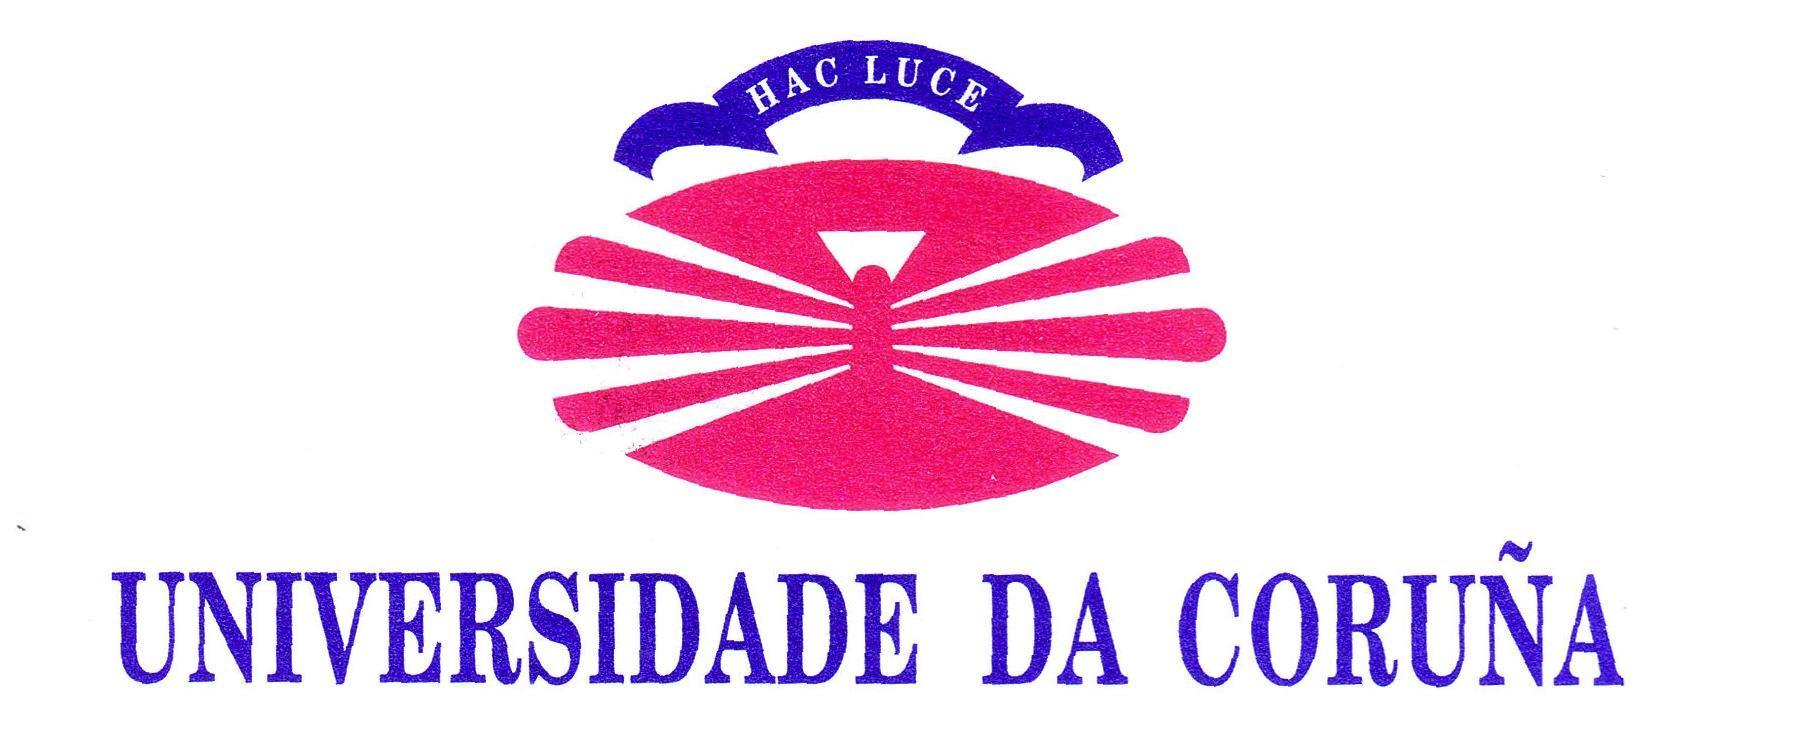 Image result for universidade de coruña